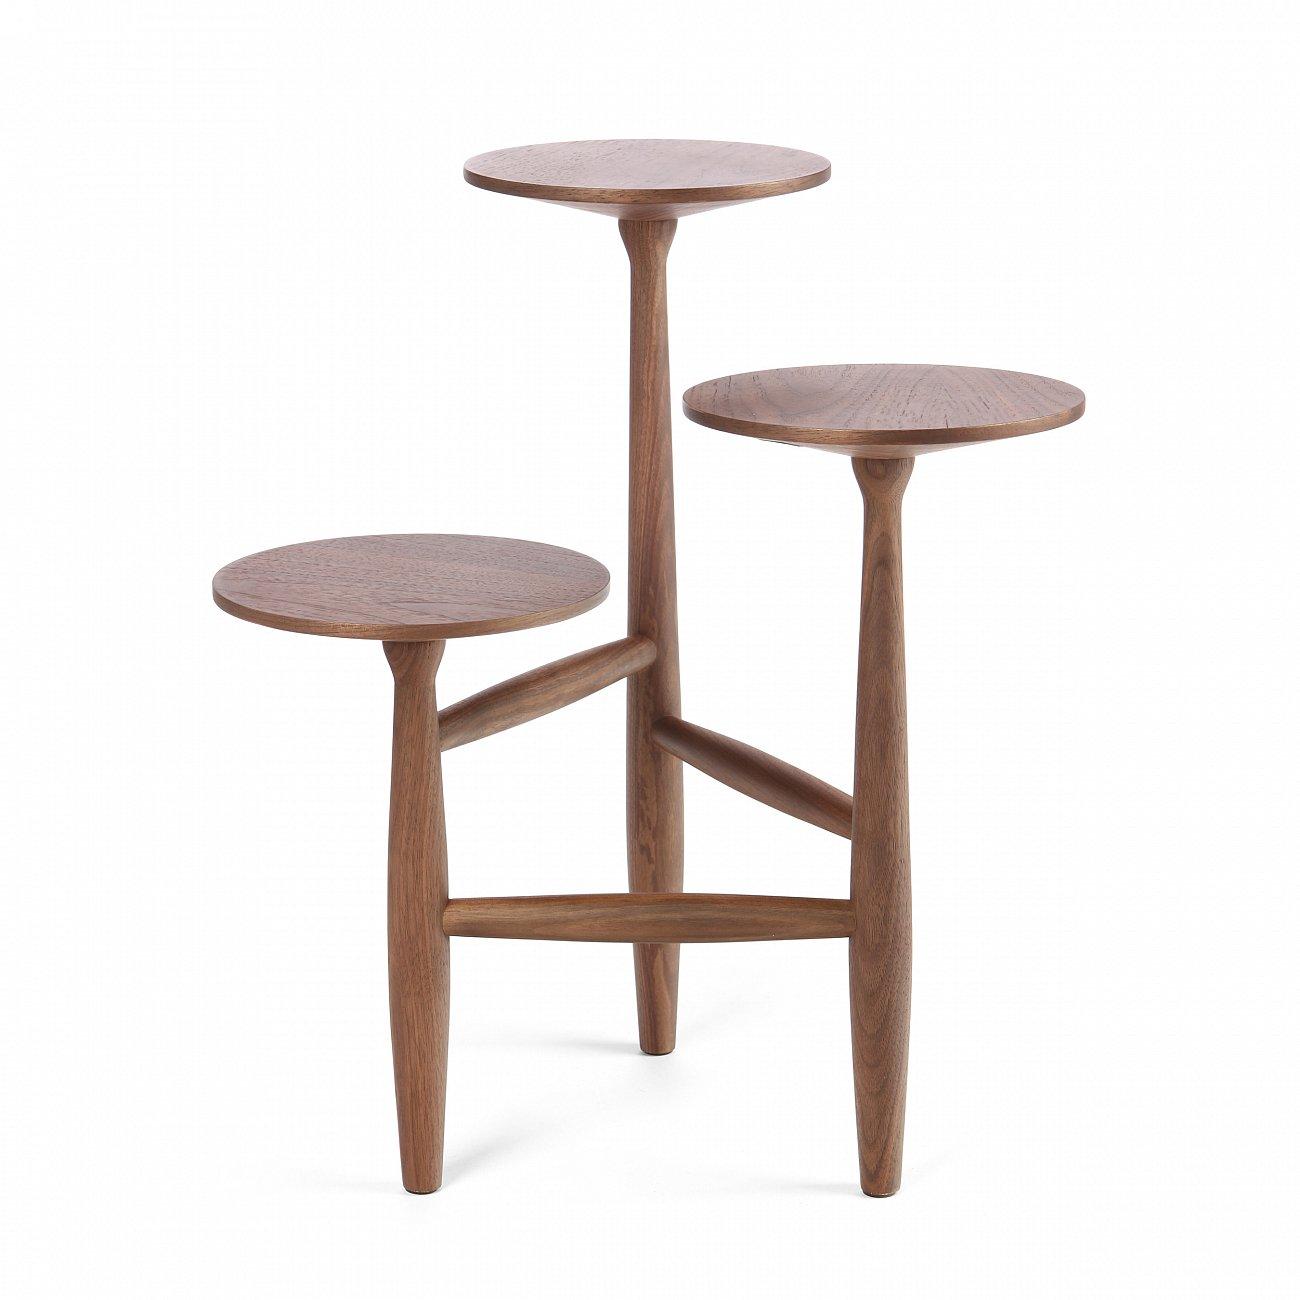 Купить Кофейный стол Tripod высота 55 в интернет магазине дизайнерской мебели и аксессуаров для дома и дачи